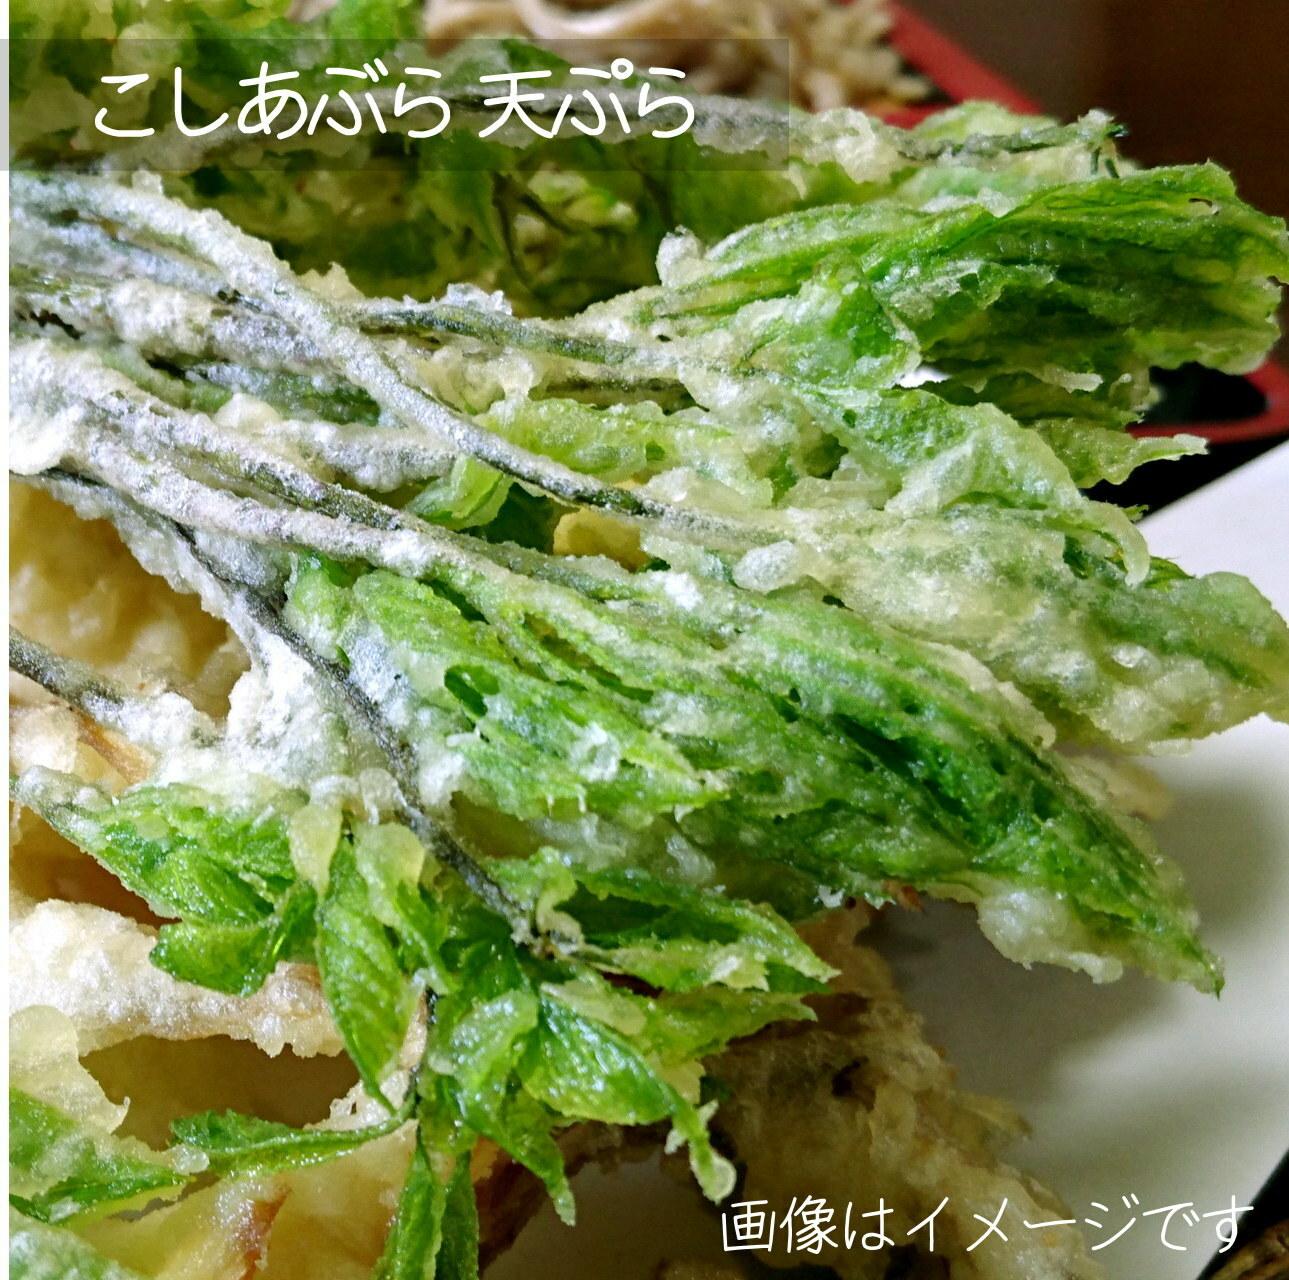 4月の山菜 こしあぶら 約50g 朝採り直売野菜 4月27日発送予定